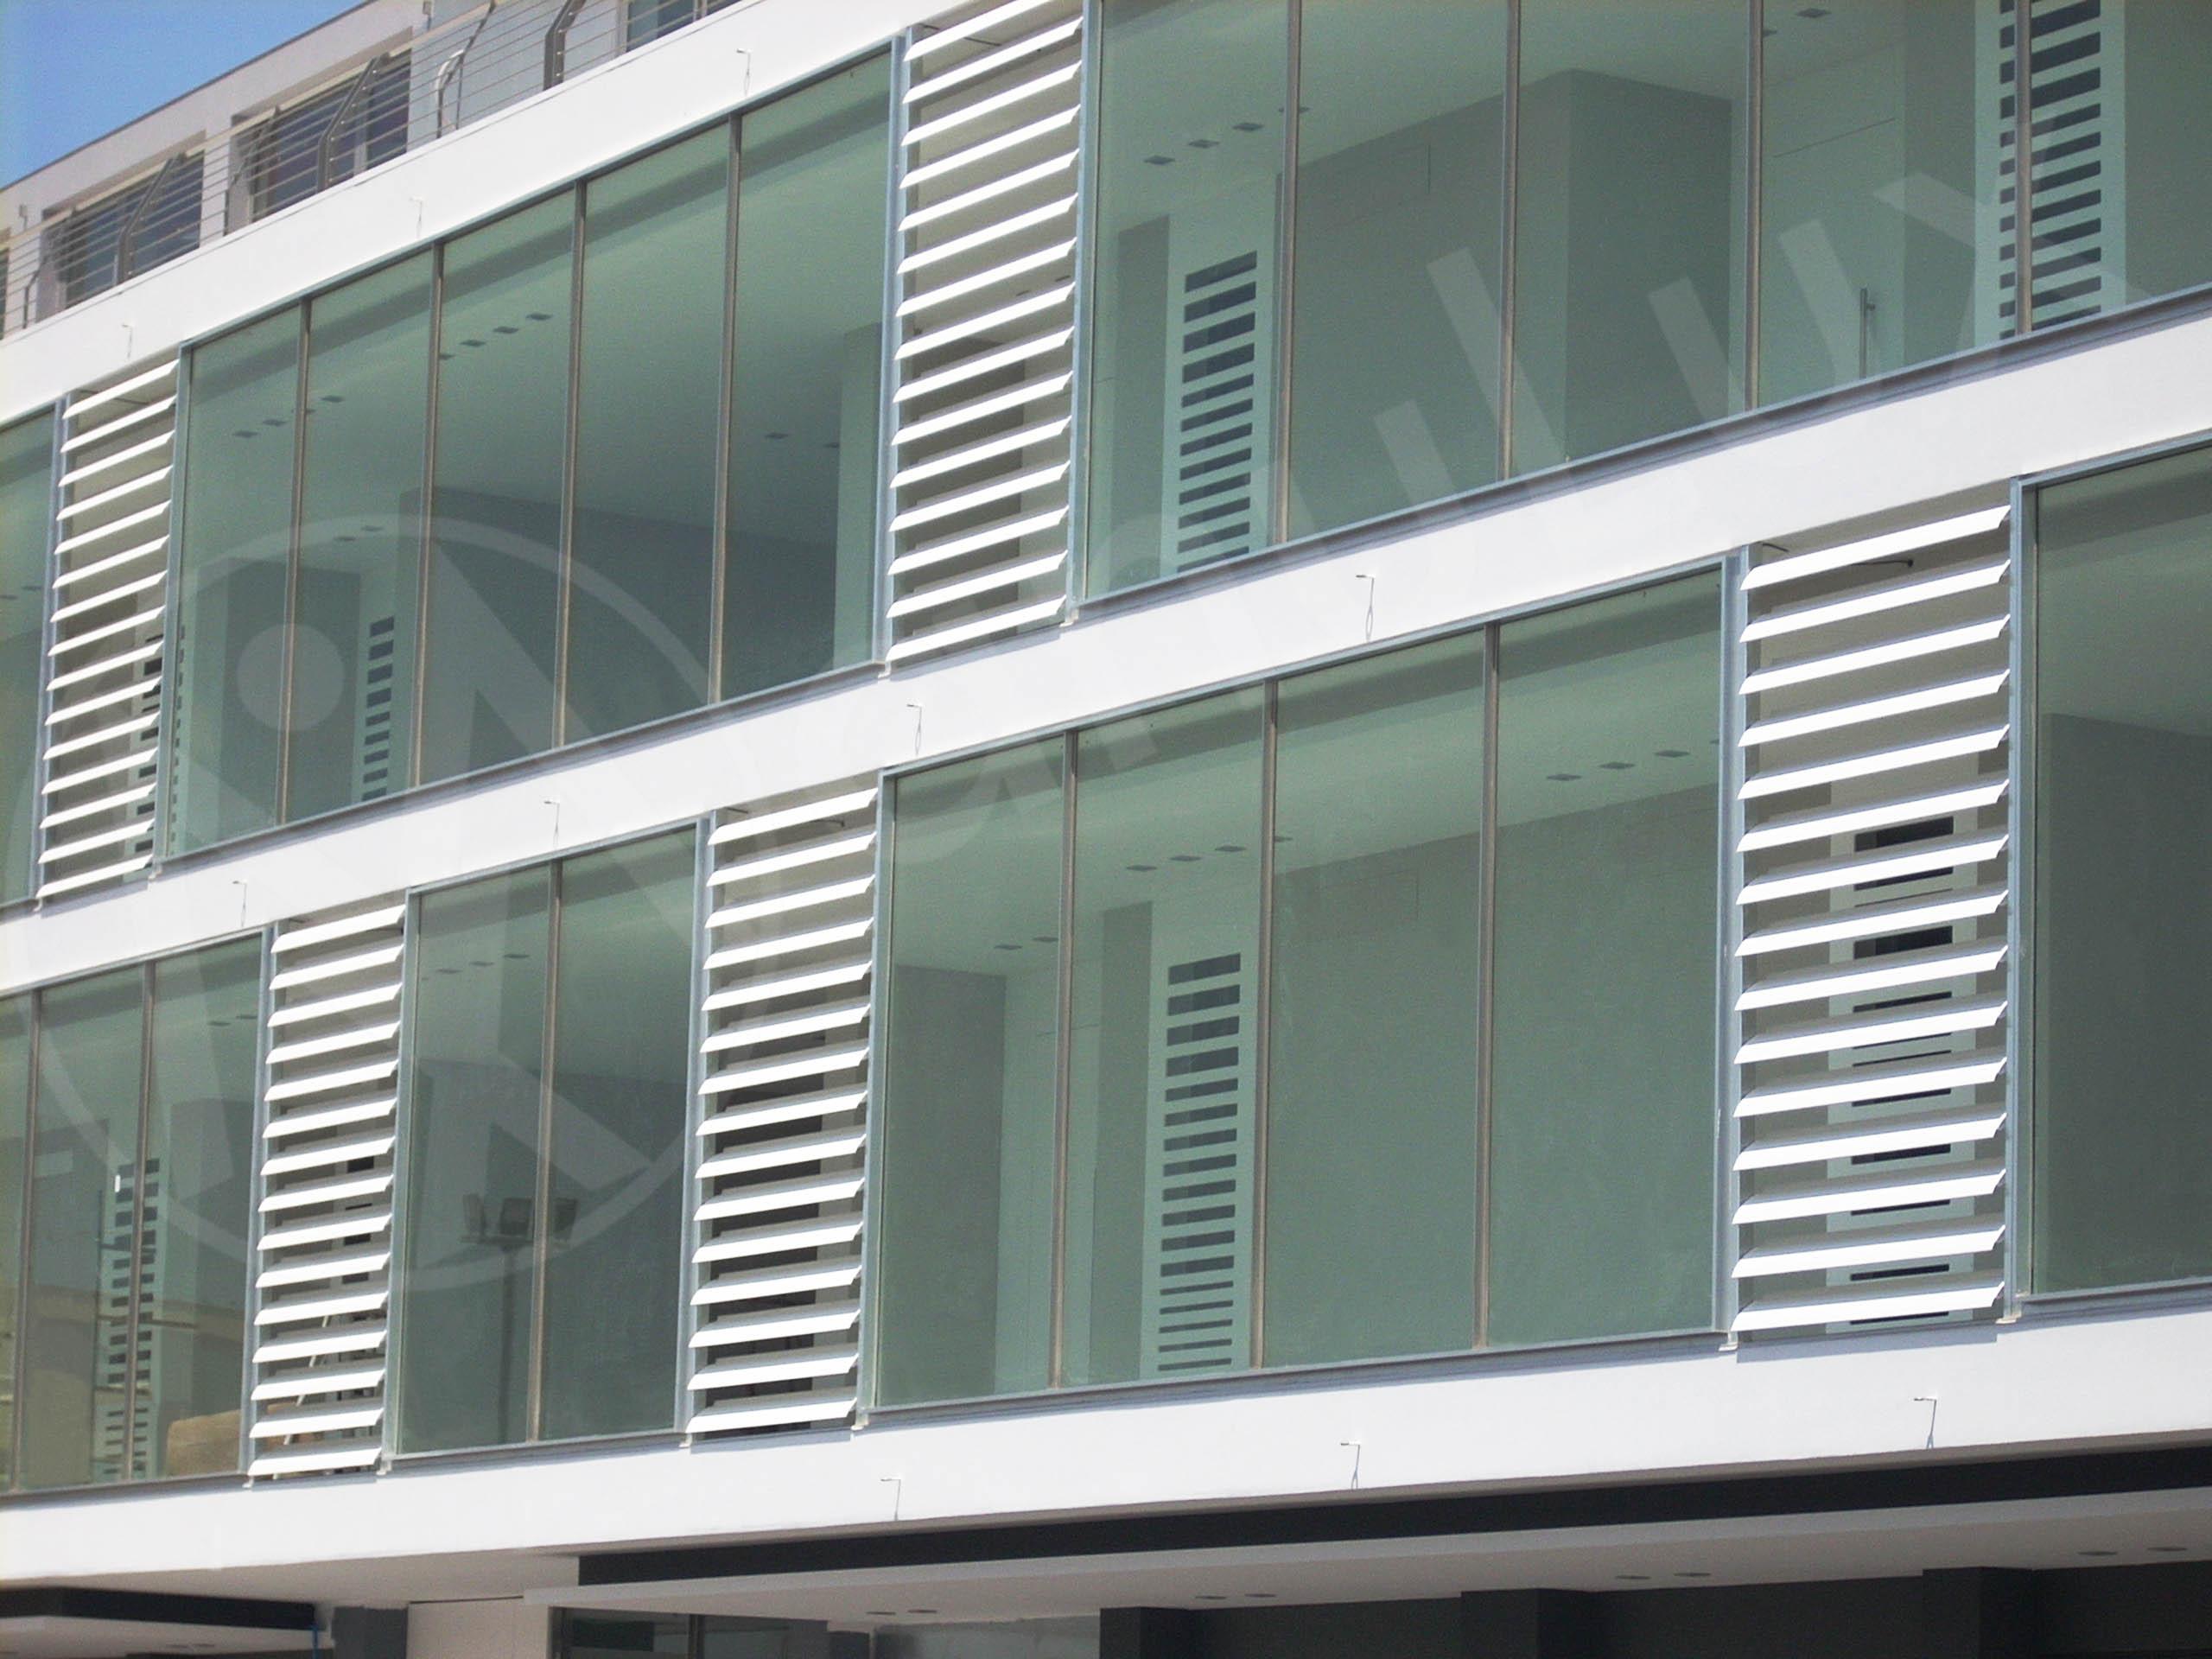 Manulux realizzazioni architettonico 01